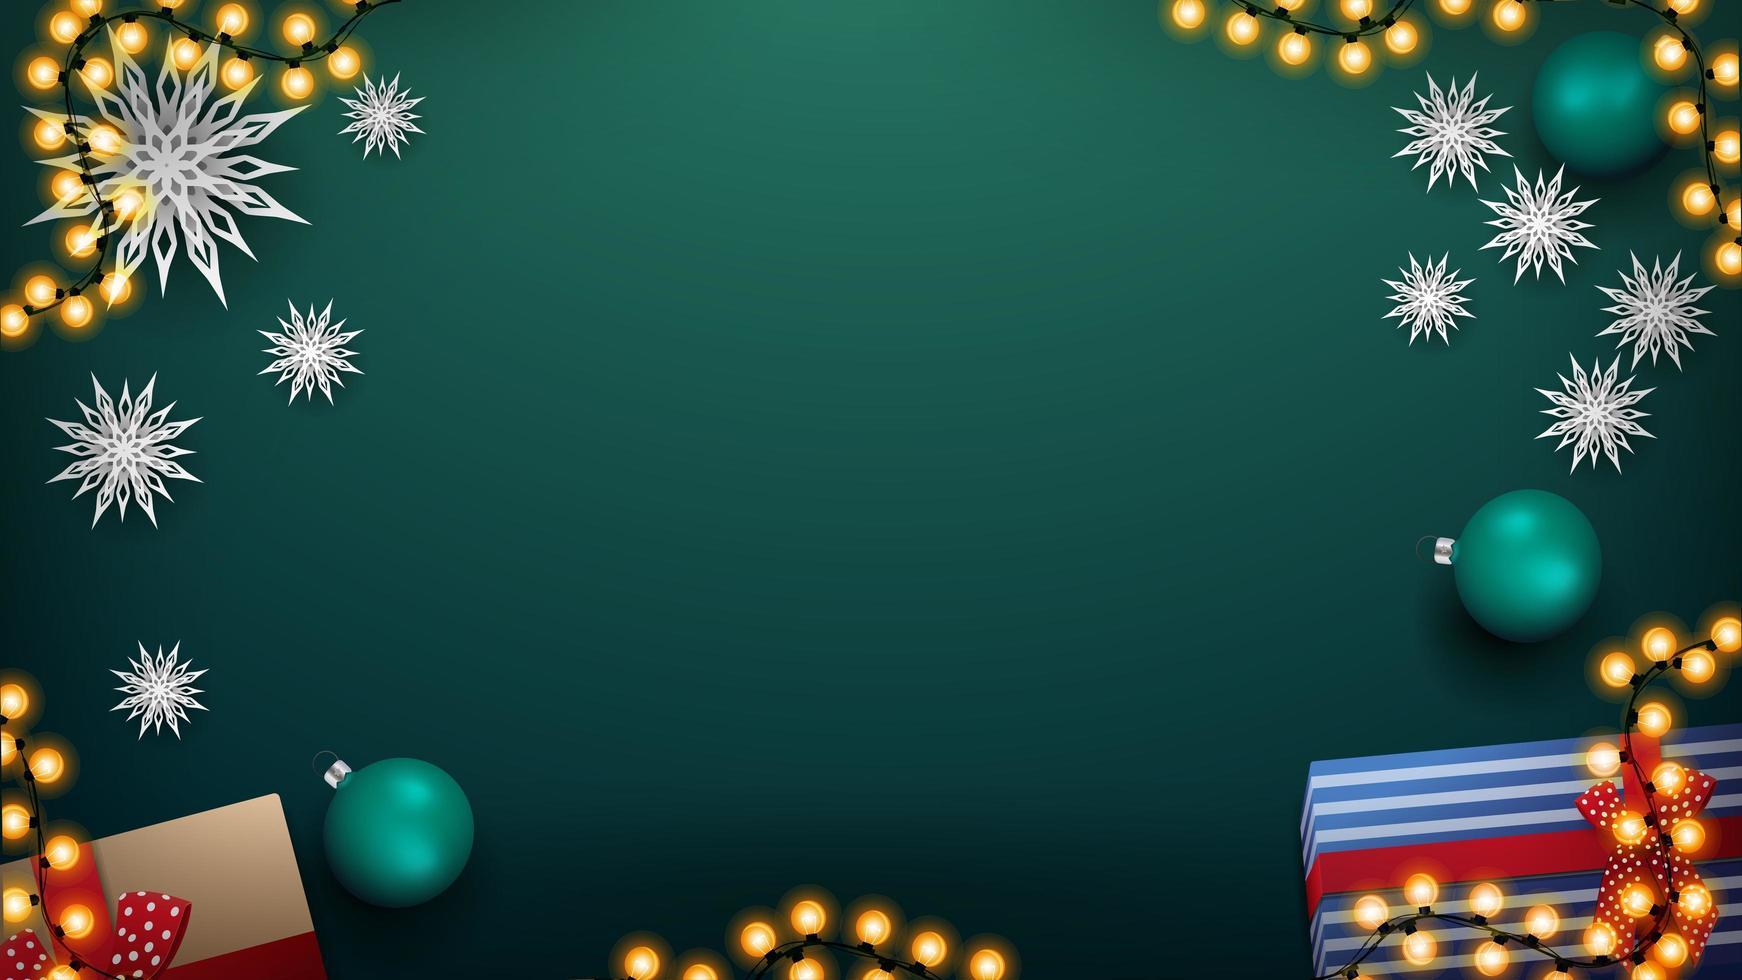 Weihnachtsgrüner Hintergrund mit Girlande und grünen Kugeln vektor